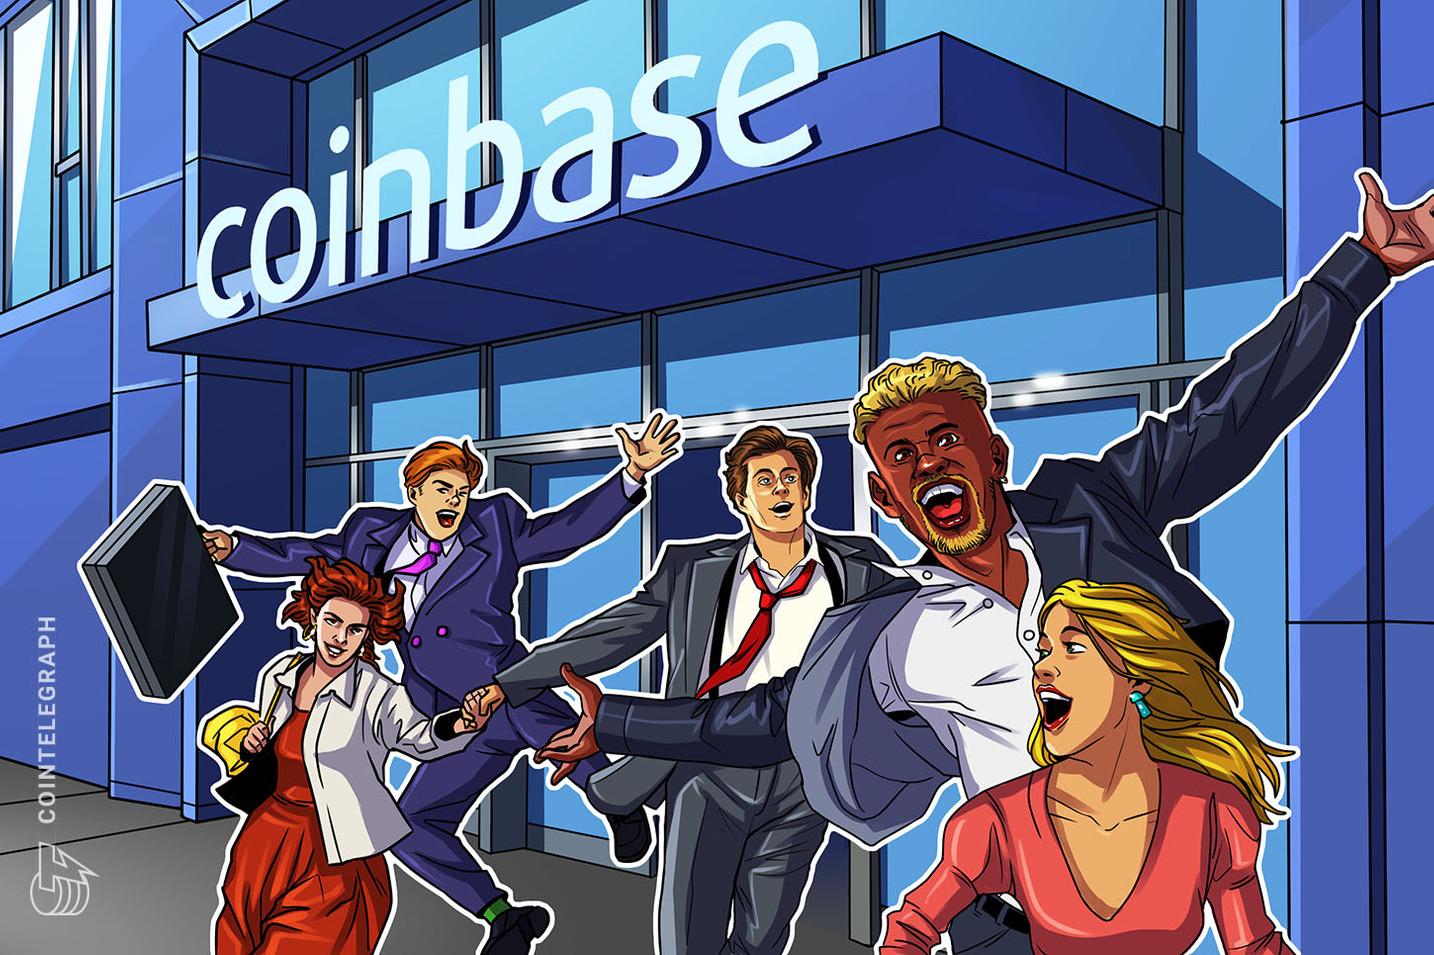 Deutsche Finanzaufsicht erteilt Coinbase Lizenz für Krypto-Verwahrung